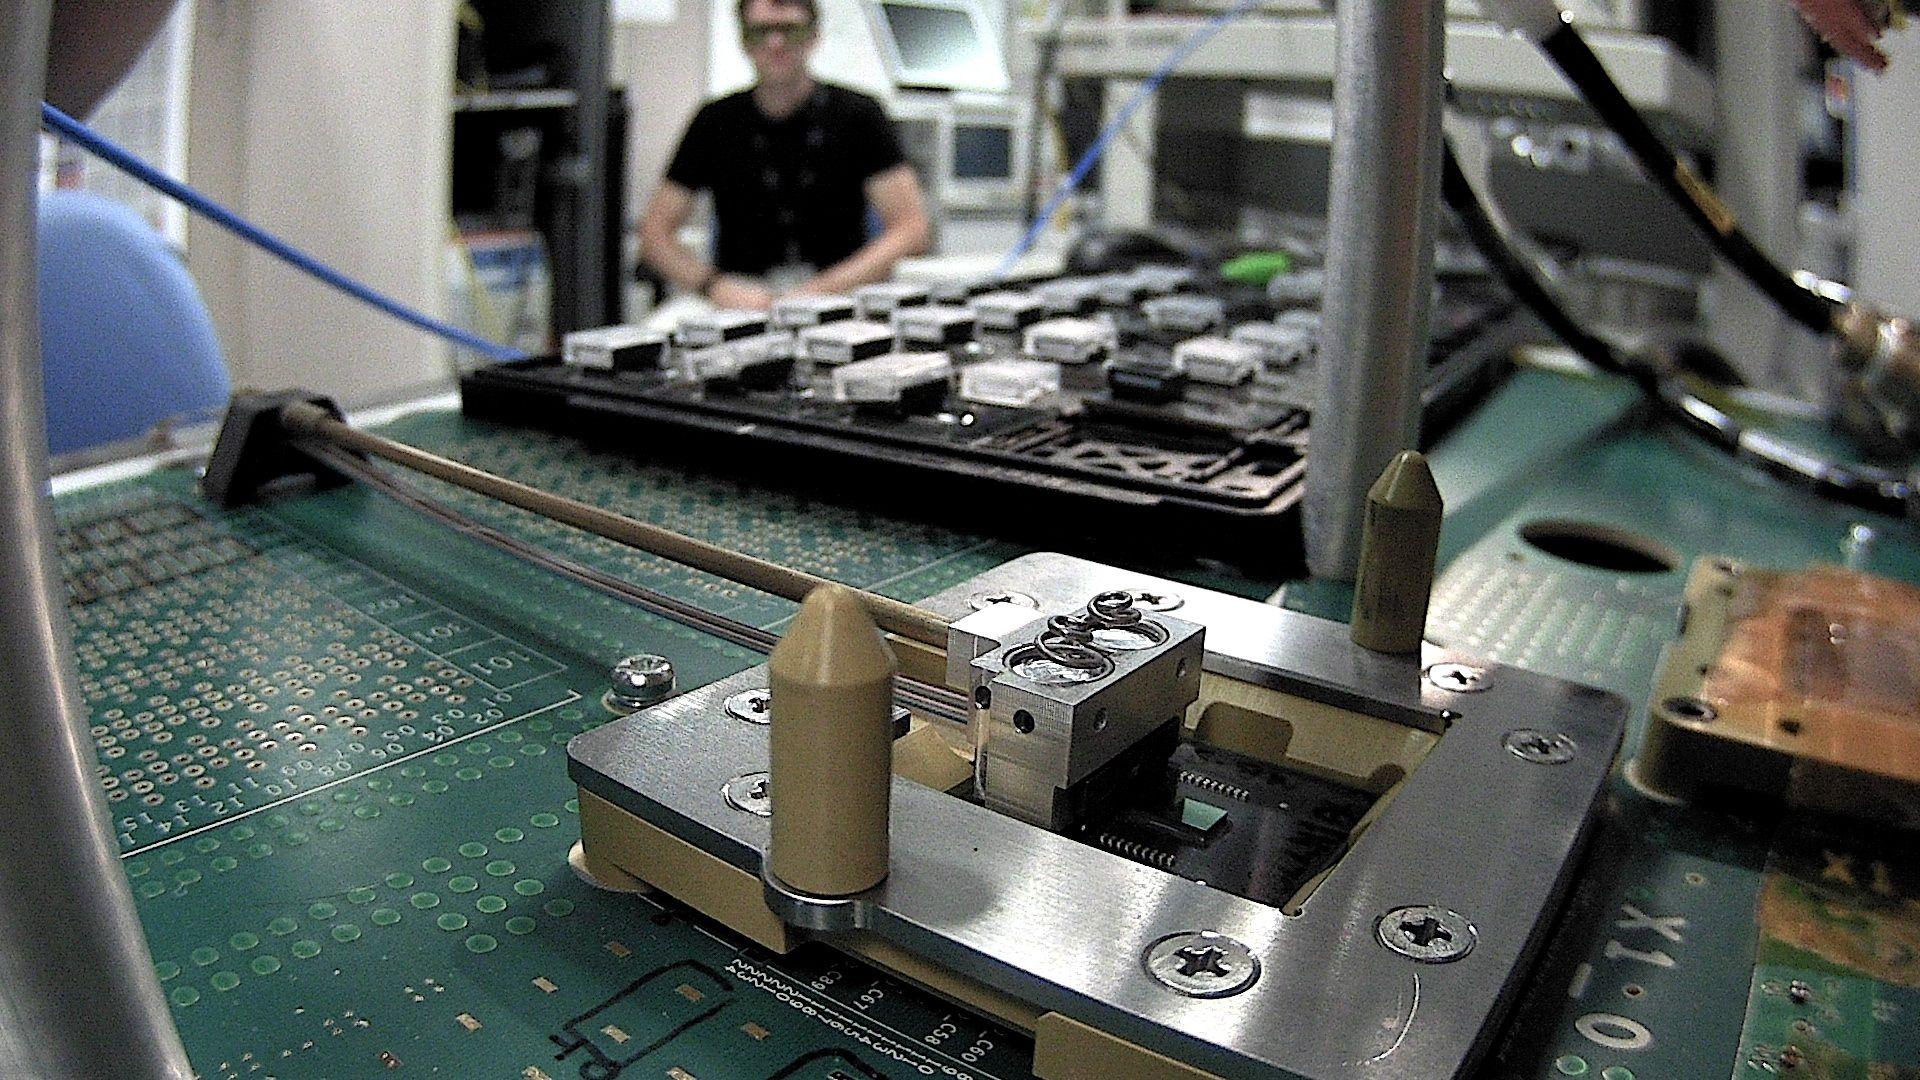 """Das Photonics Interconnect Module X1 auf dem """"Kraken"""" Teststand der Silicon Design Labs von Hewlett Packard"""